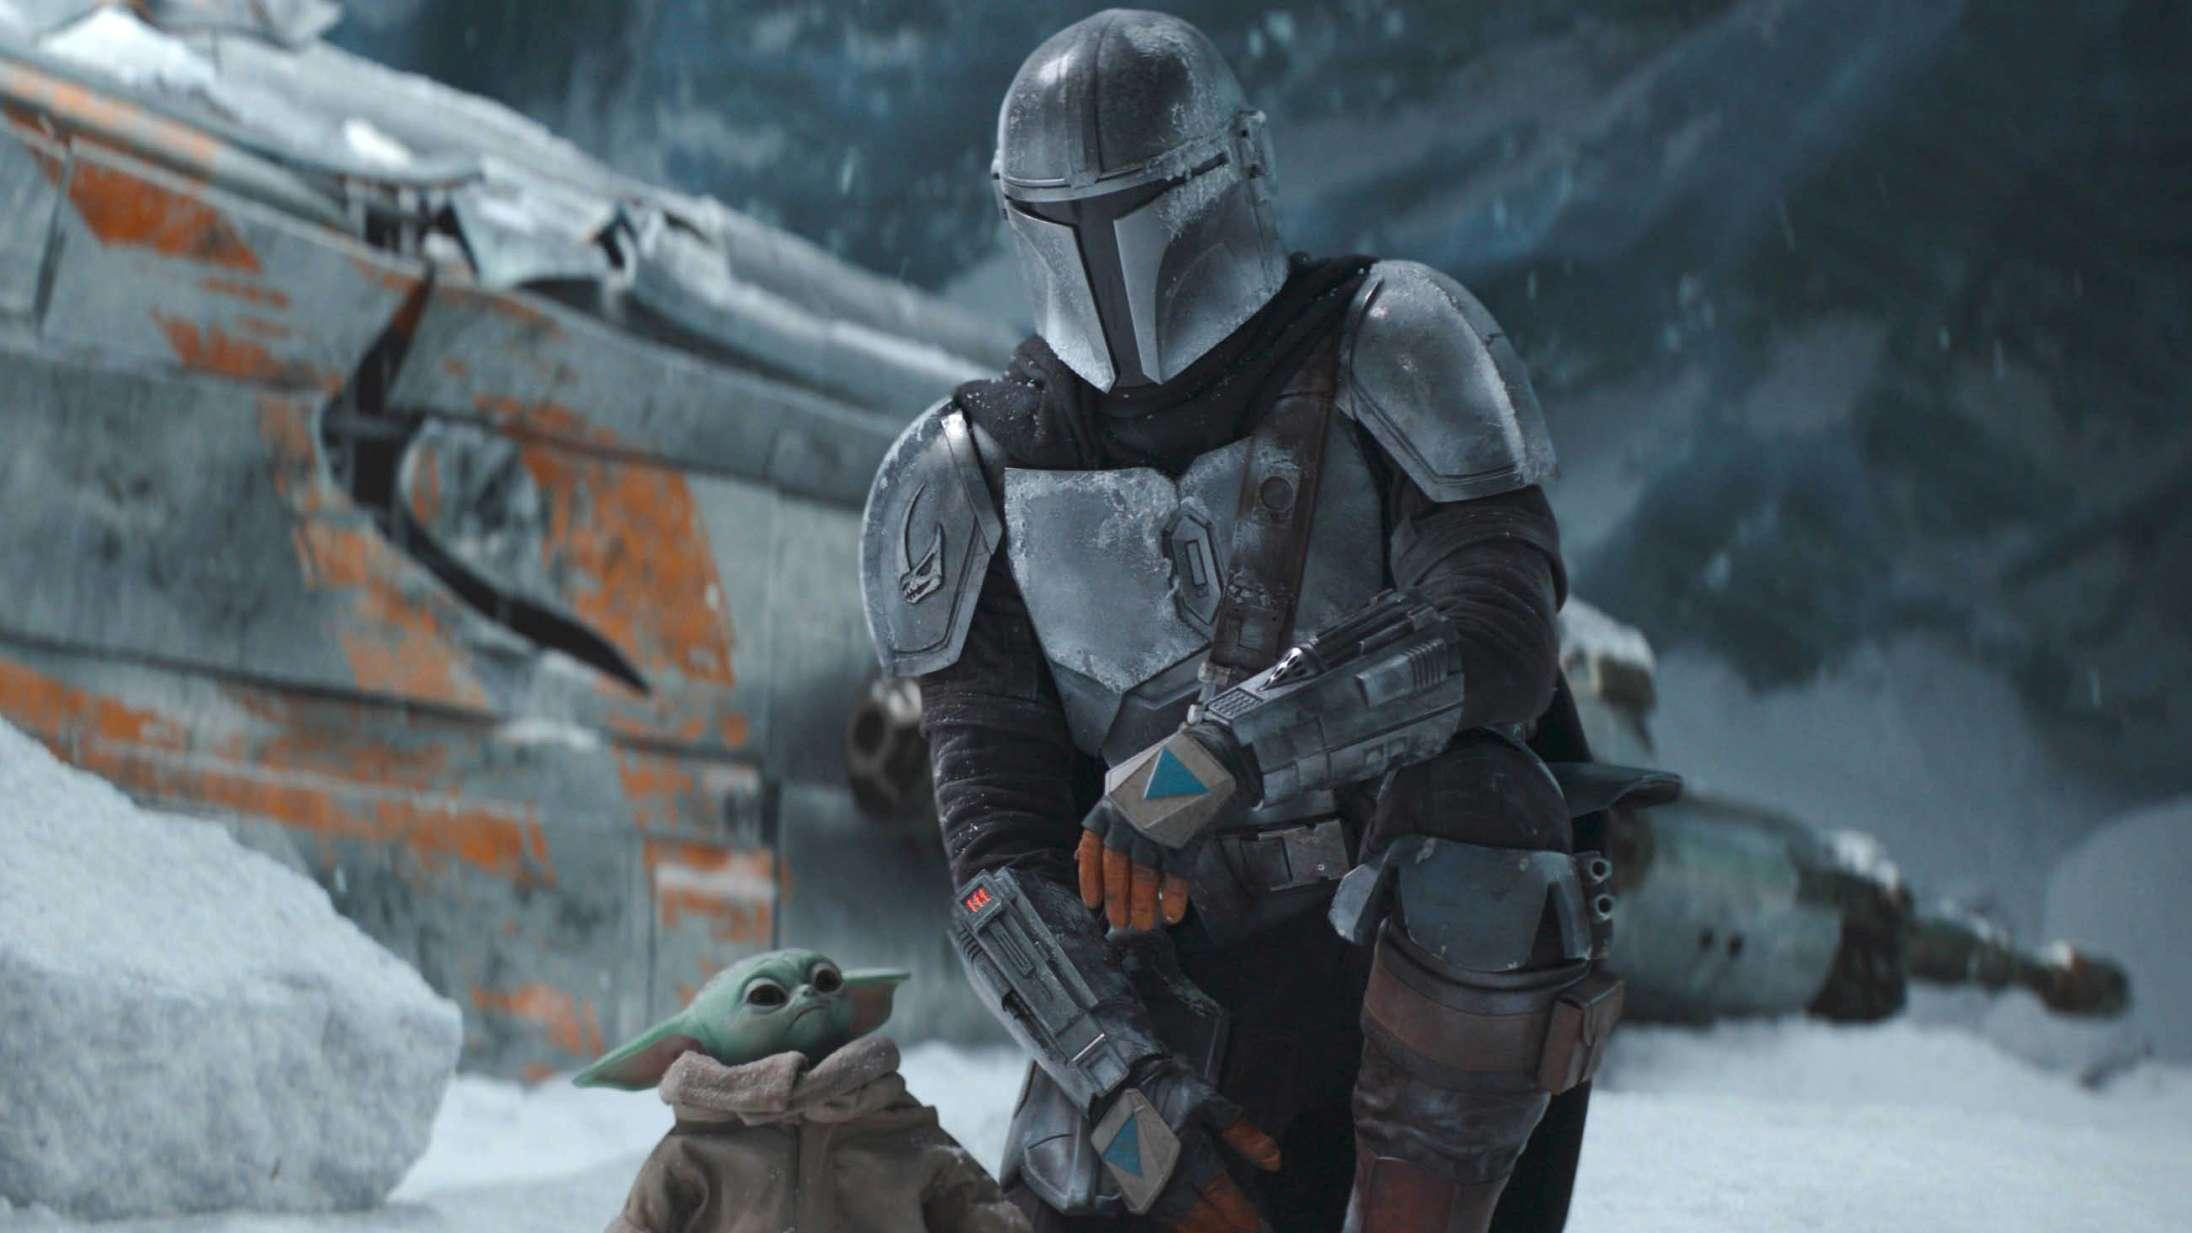 'The Mandalorian'-finalen: Årets vildeste serieafslutning slår fast, at Star Wars aldrig vil være det samme